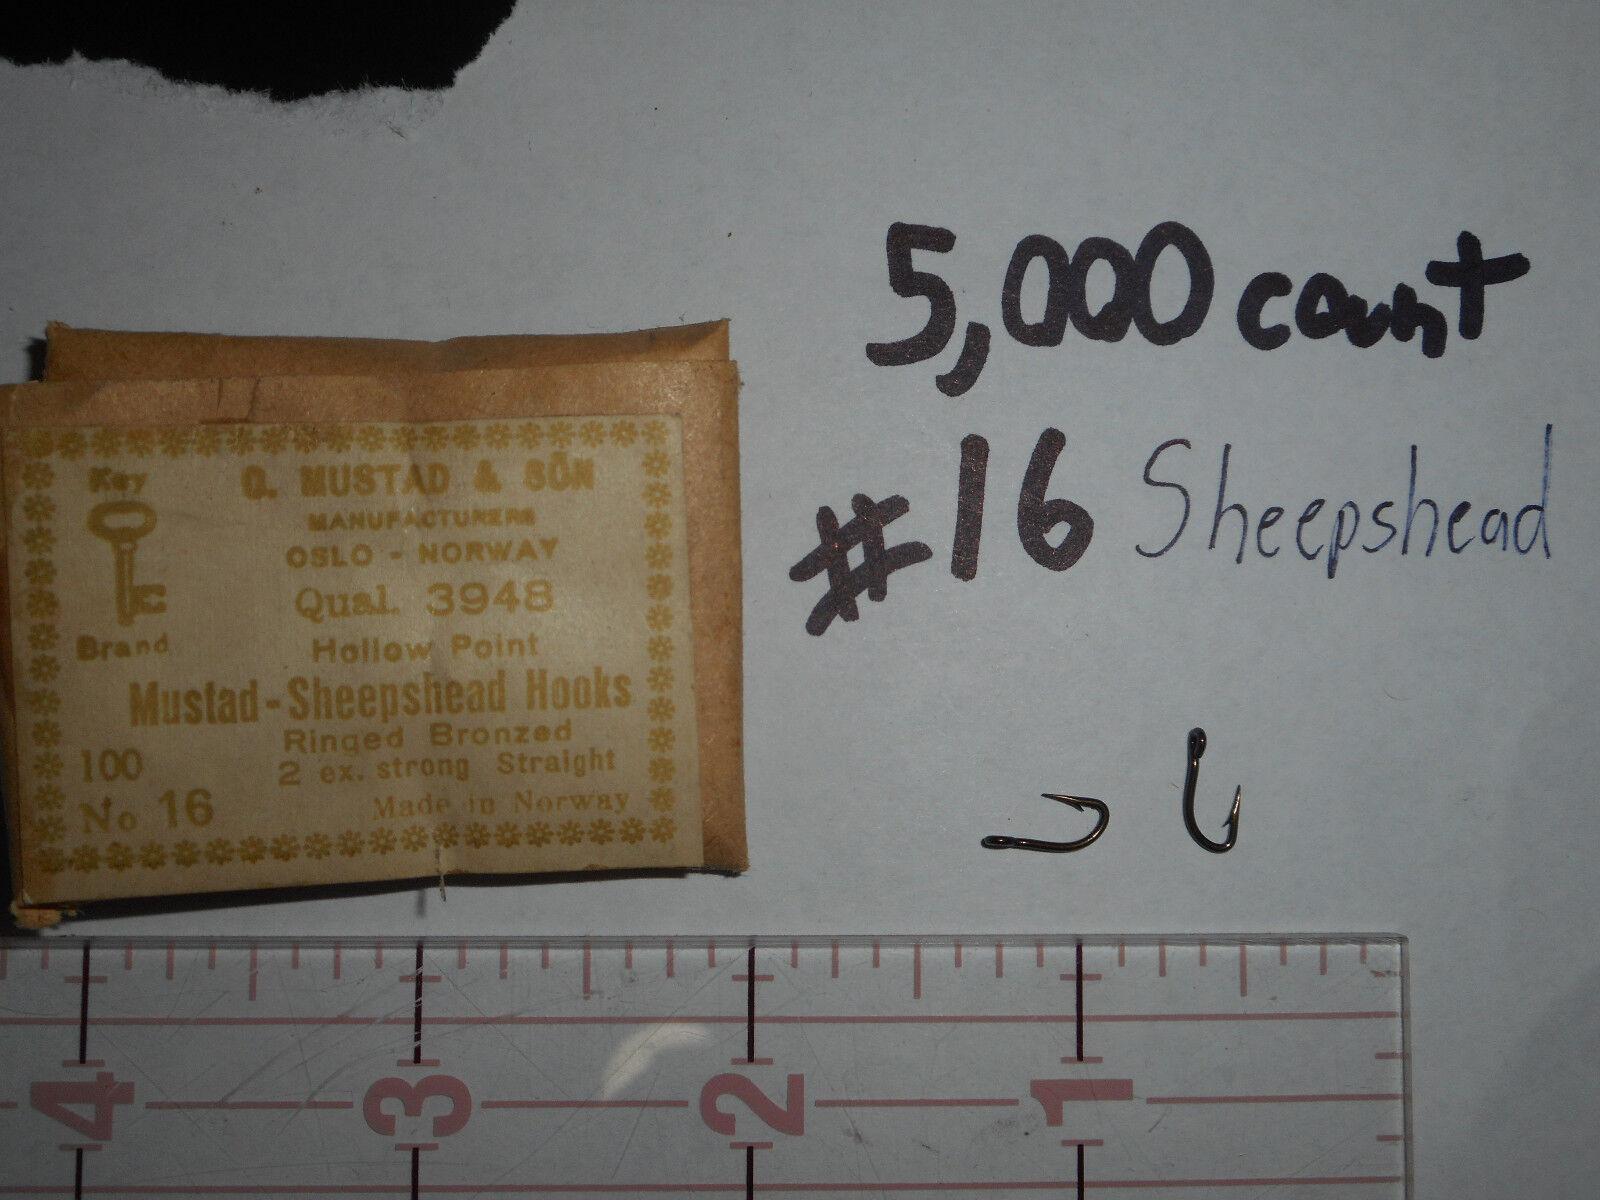 5,000 Ganchos Dobles Mustad  16 para moscas Recto Sargo chopa anillada 2x fuerte 3948